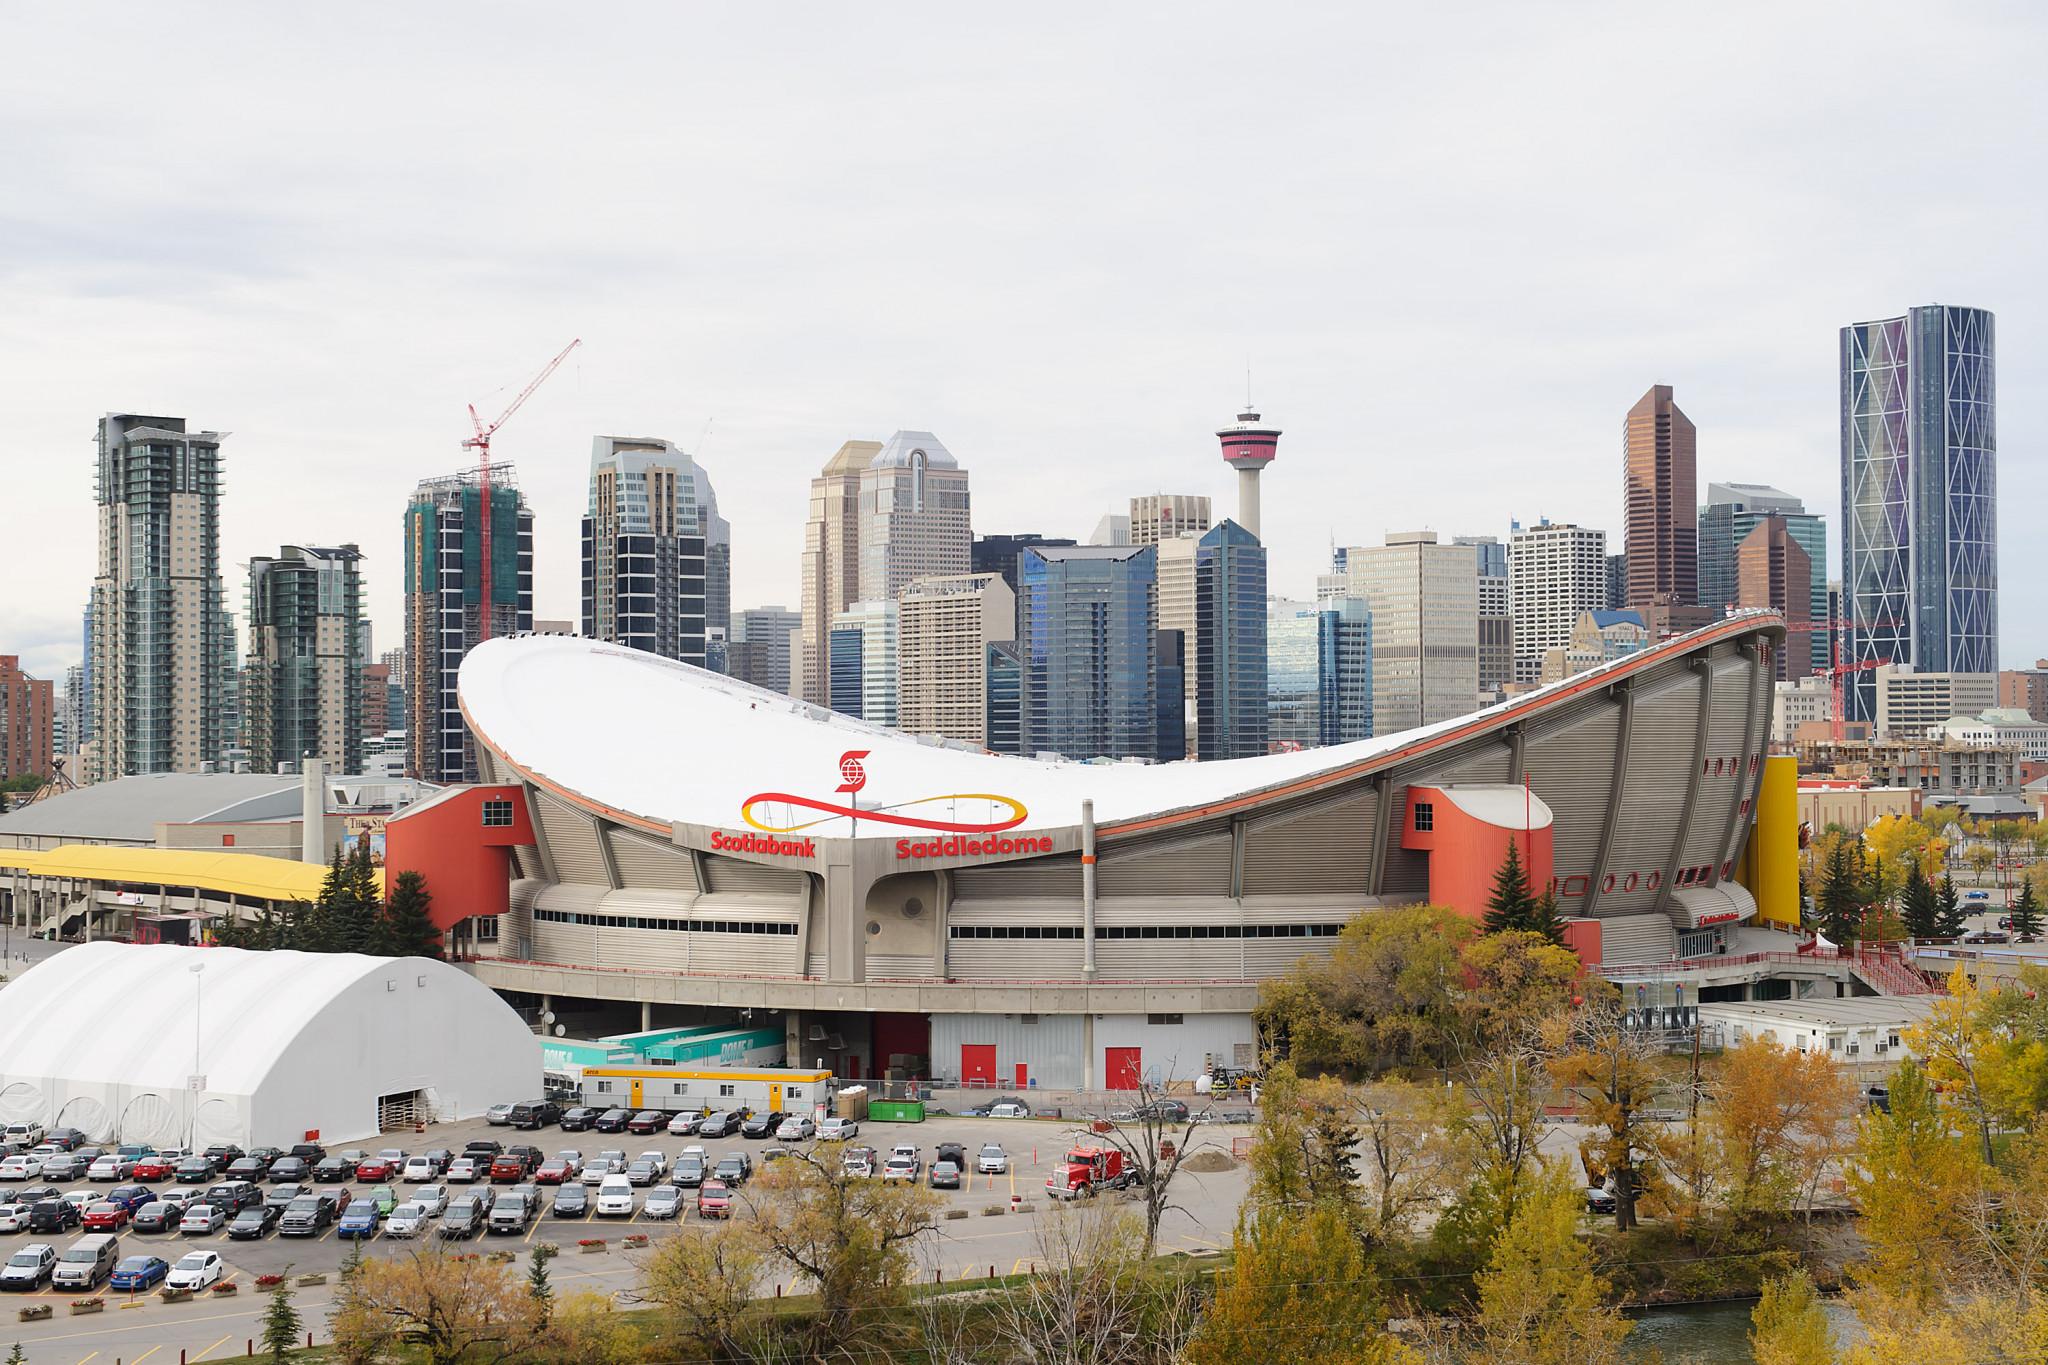 Calgary to host postponed IIHF Women's Ice Hockey World Championship